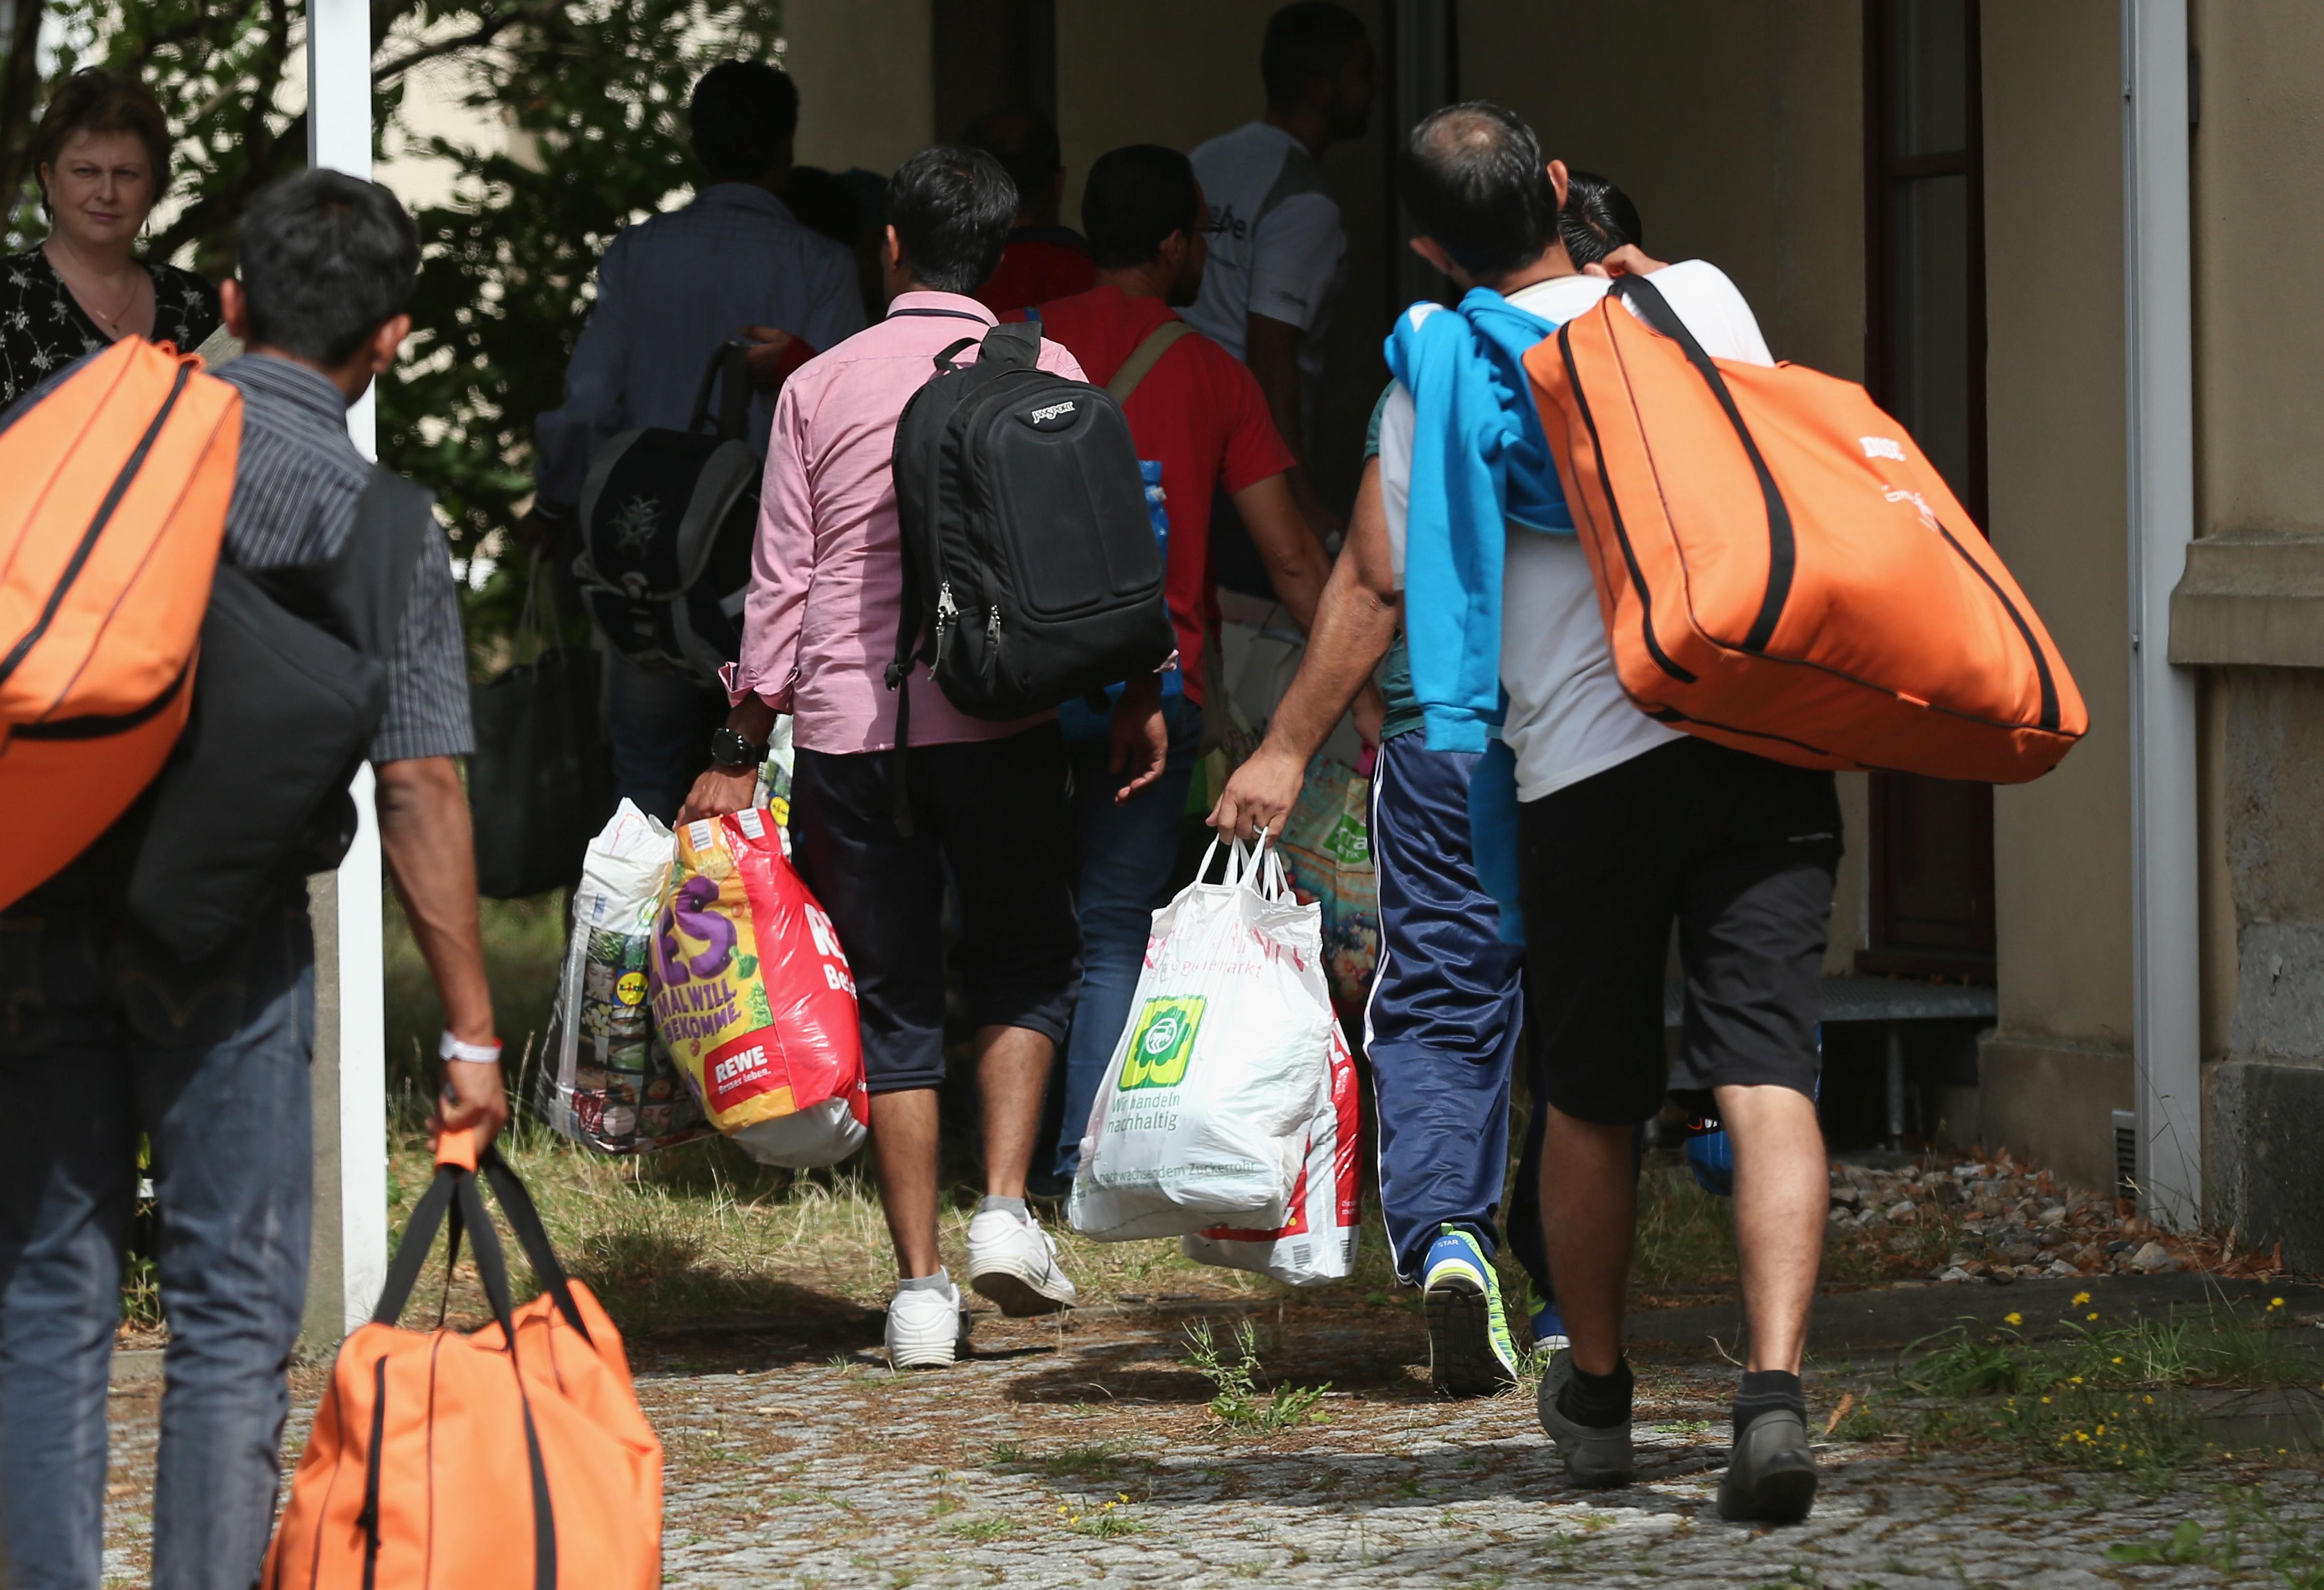 Verschwunden: Hälfte der Flüchtlinge in hessischem Asylheim einfach weg